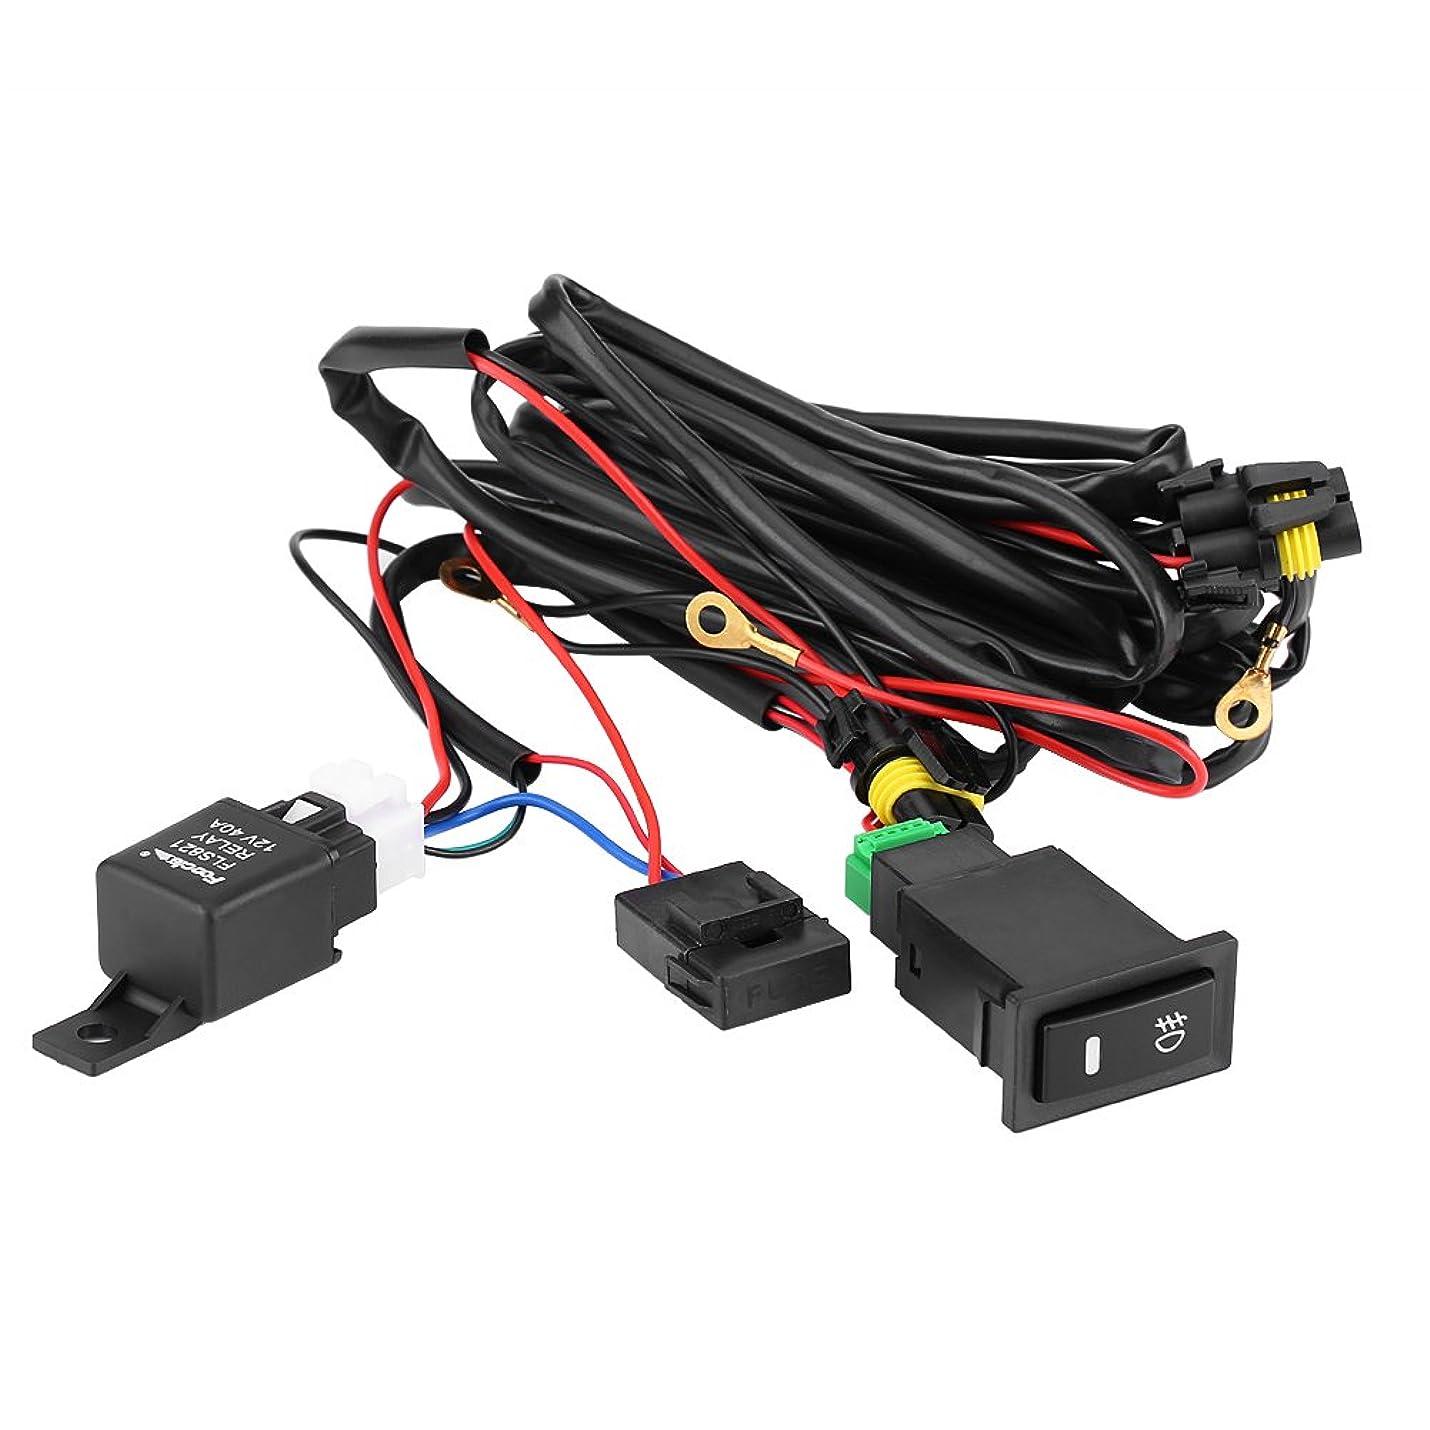 すでに区別飾るキタコ(KITACO) ヘッドライトON/OFFスイッチ H4バルブ/シングルヘッドライト用 755-1000100